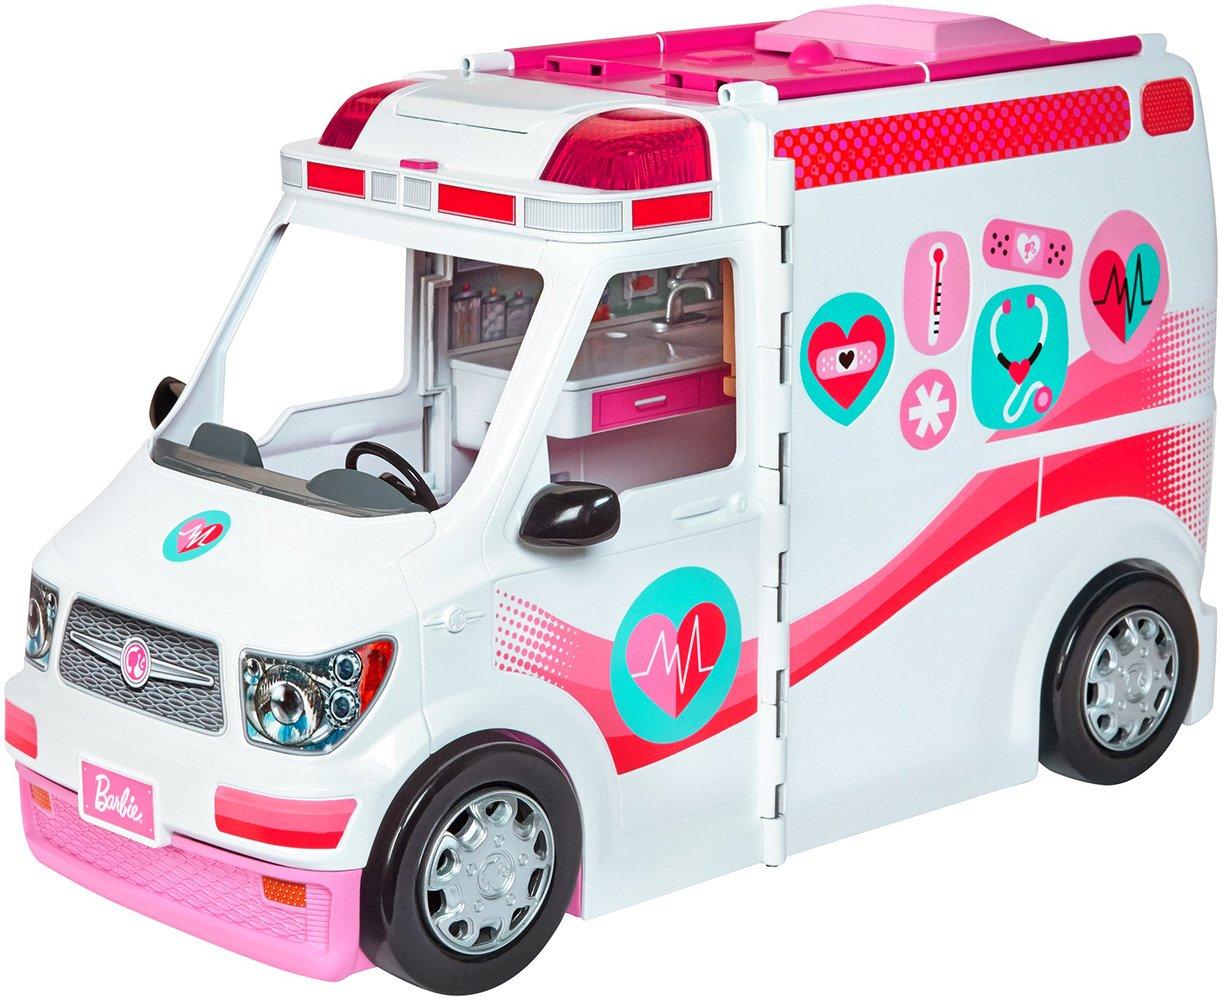 Barbie Véhicule Médical Rose et Blanc pour Poupée, Voiture Ambulance Transformable en Hôpital avec Plus de 20 Accessoires, Jouet pour Enfant, FRM19 Mattel